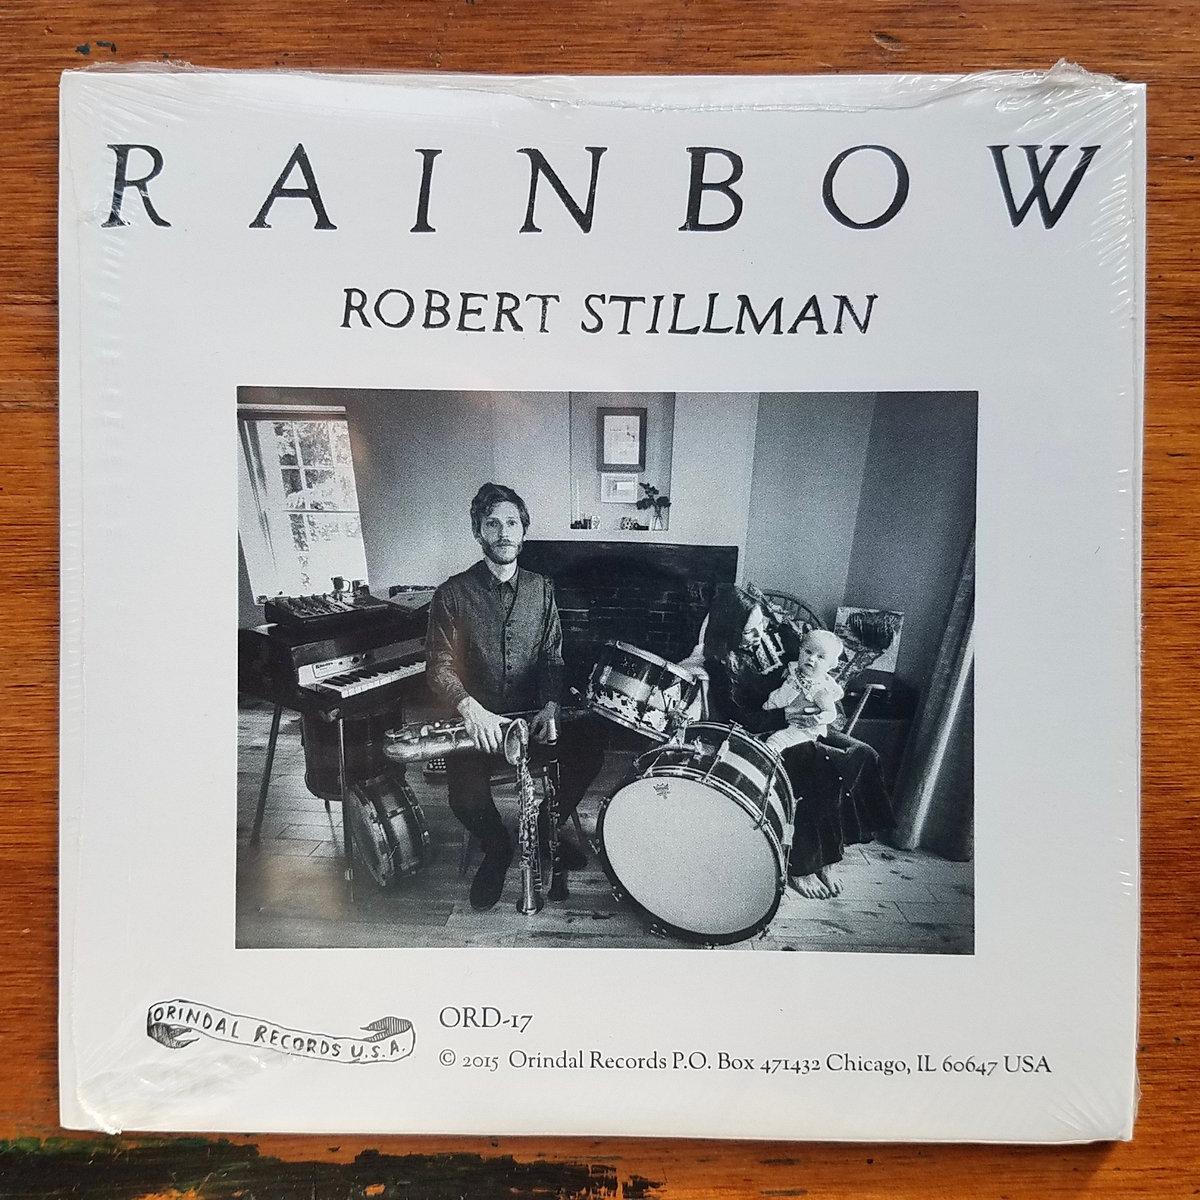 Скачать музыку mp3 бесплатно rainbow